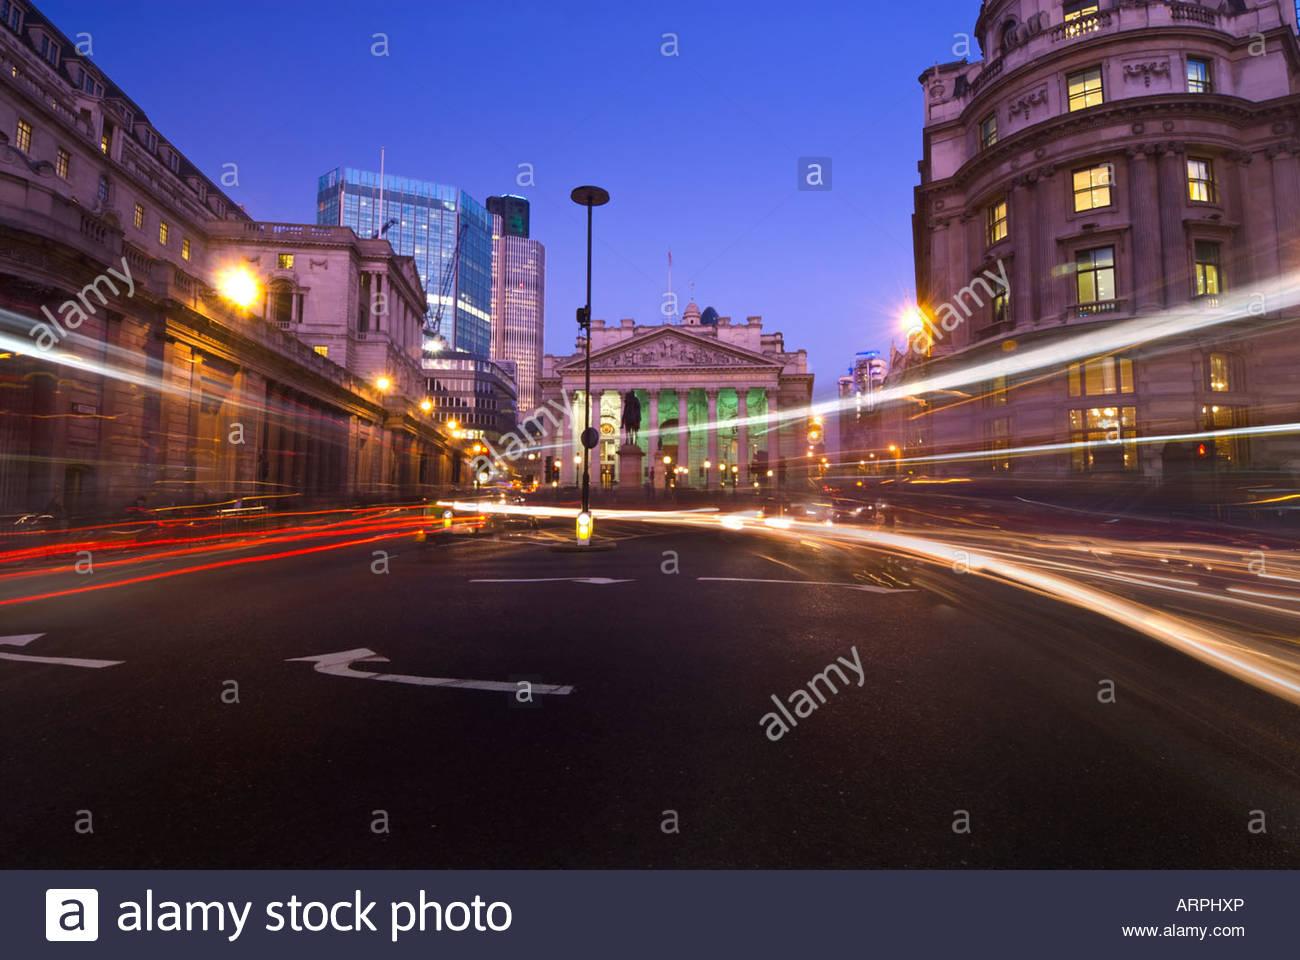 Verkehr-Loipen vor der Royal Exchange und die Bank of England, London, UK Stockbild